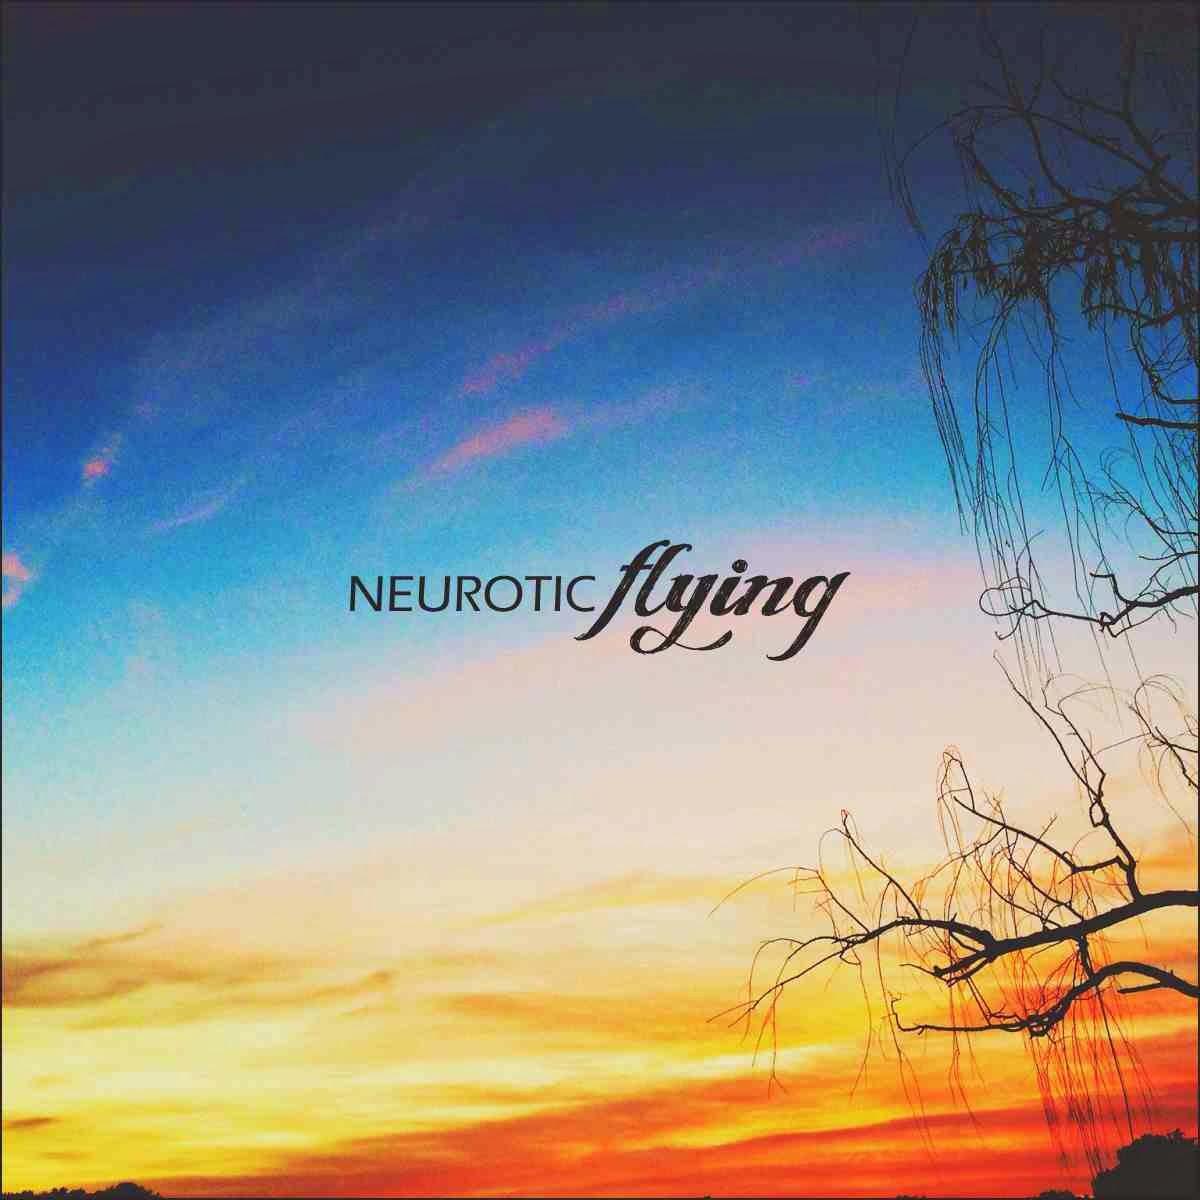 Neur0tic - Flying